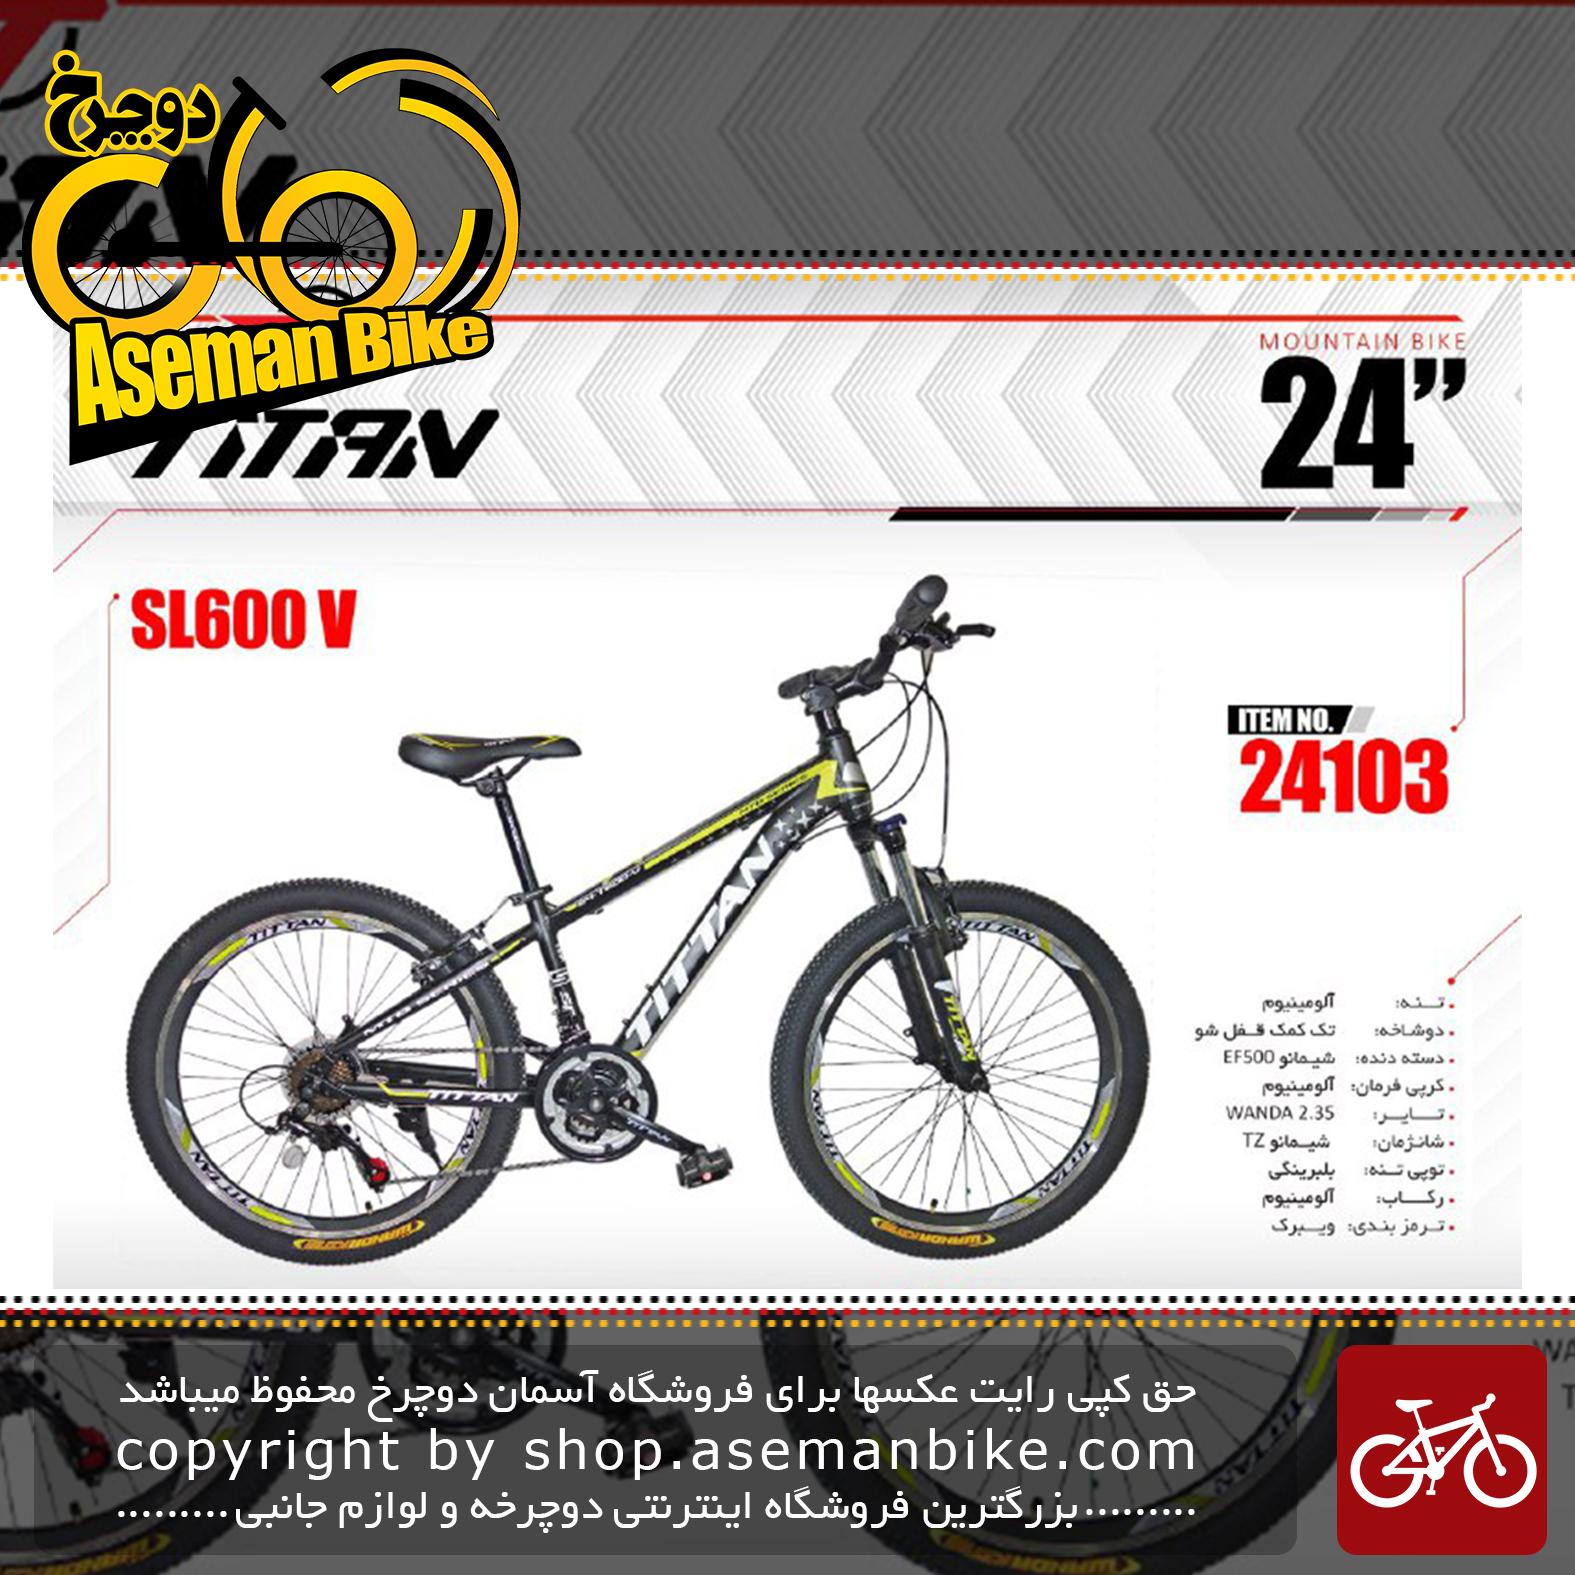 دوچرخه تایتان سایز 24 ویبرک مدل اس ال 600 ویTITAN SIZE 24 V B SL600 V